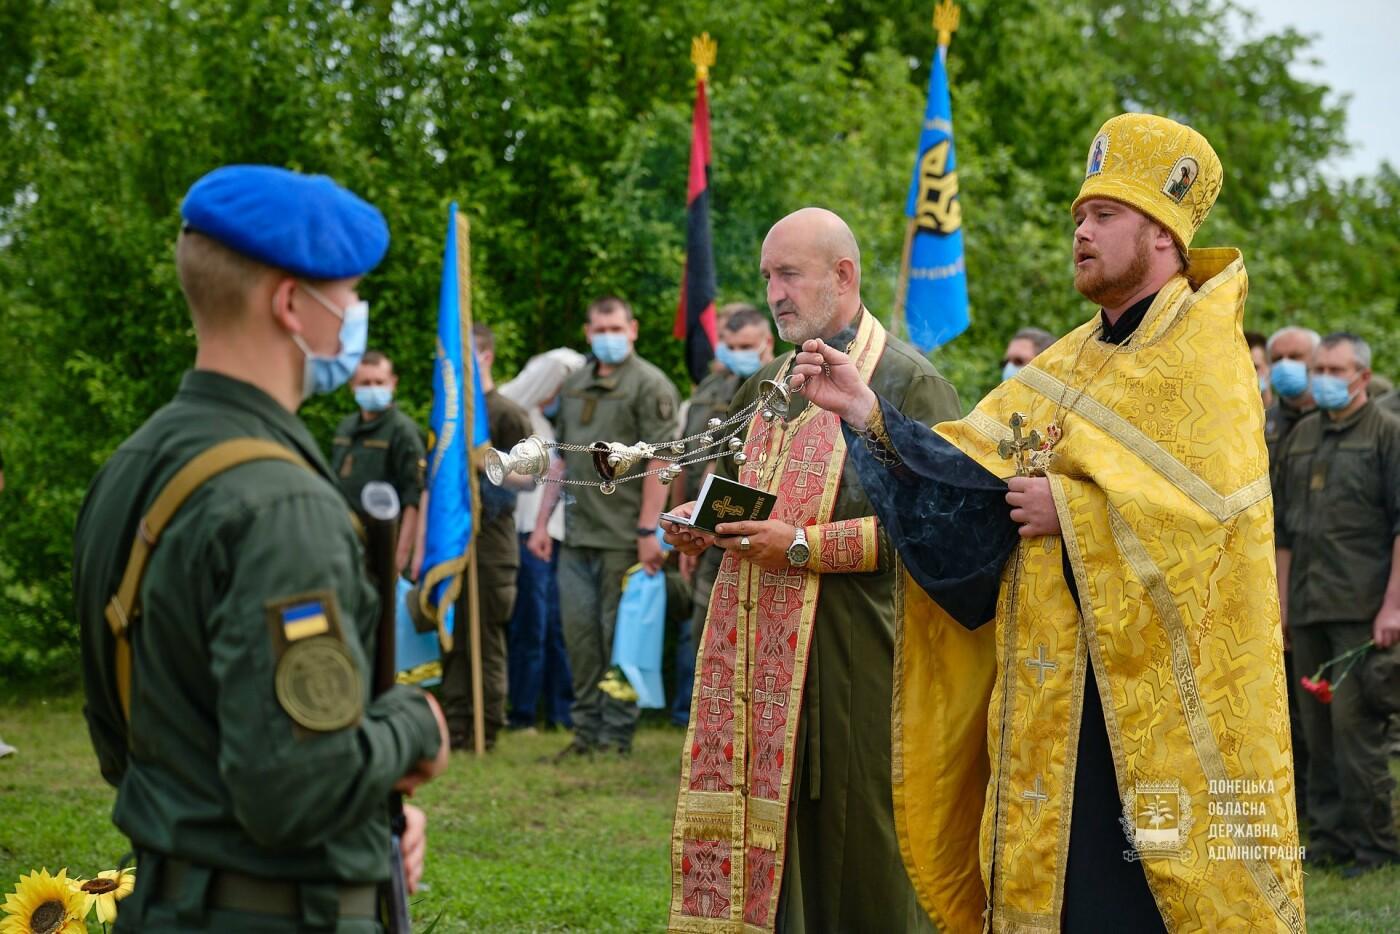 В Донецкой области почтили память 12 погибших украинских воинов во главе с генералом Кульчицким, - ФОТО, фото-5